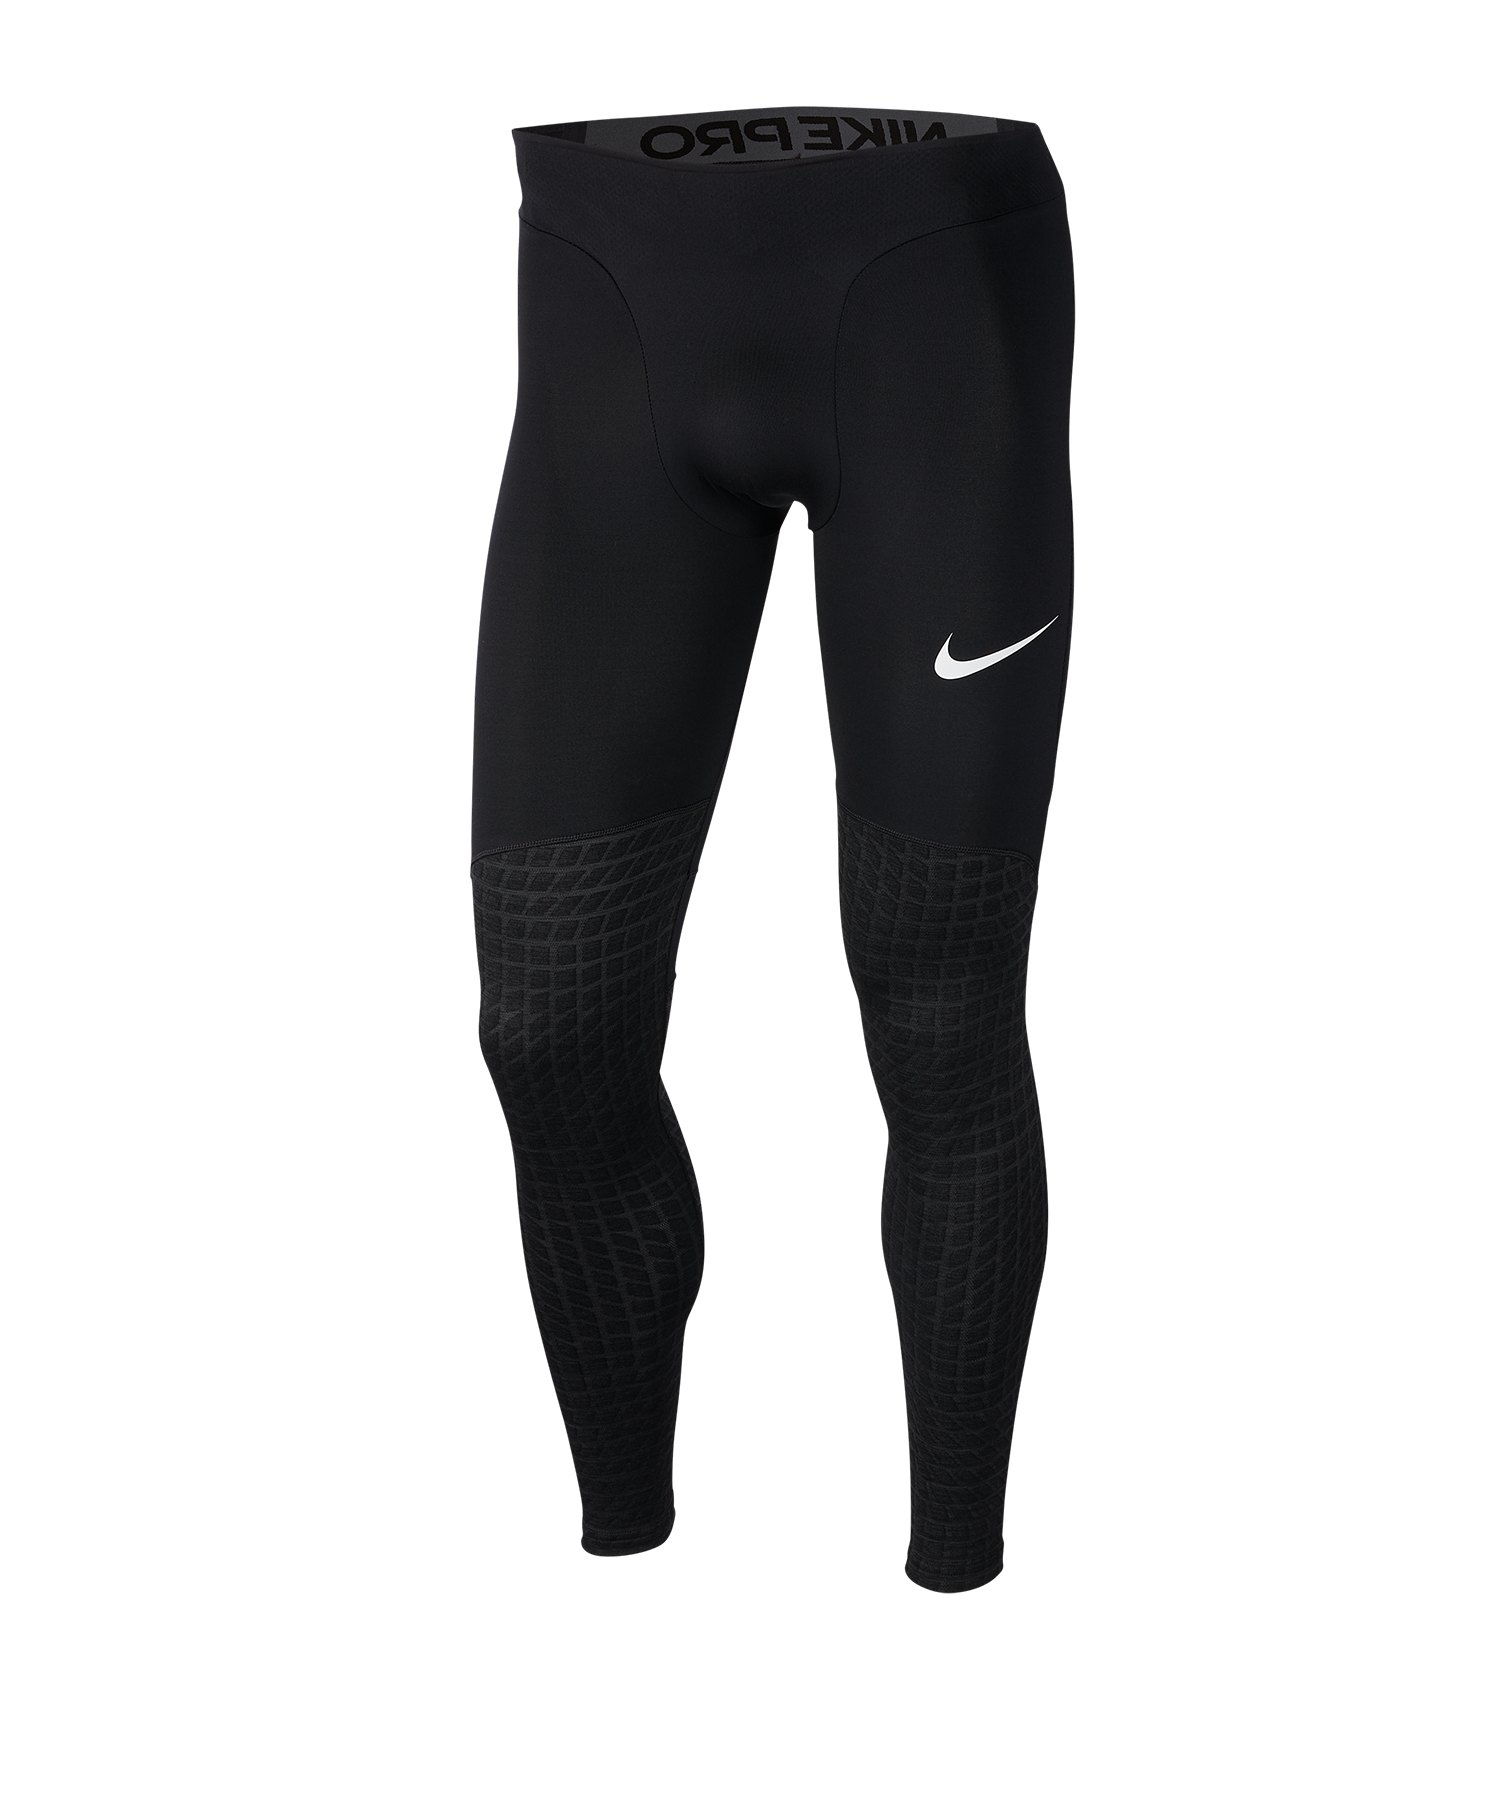 Nike Pro Therma Tight Schwarz F010 - schwarz